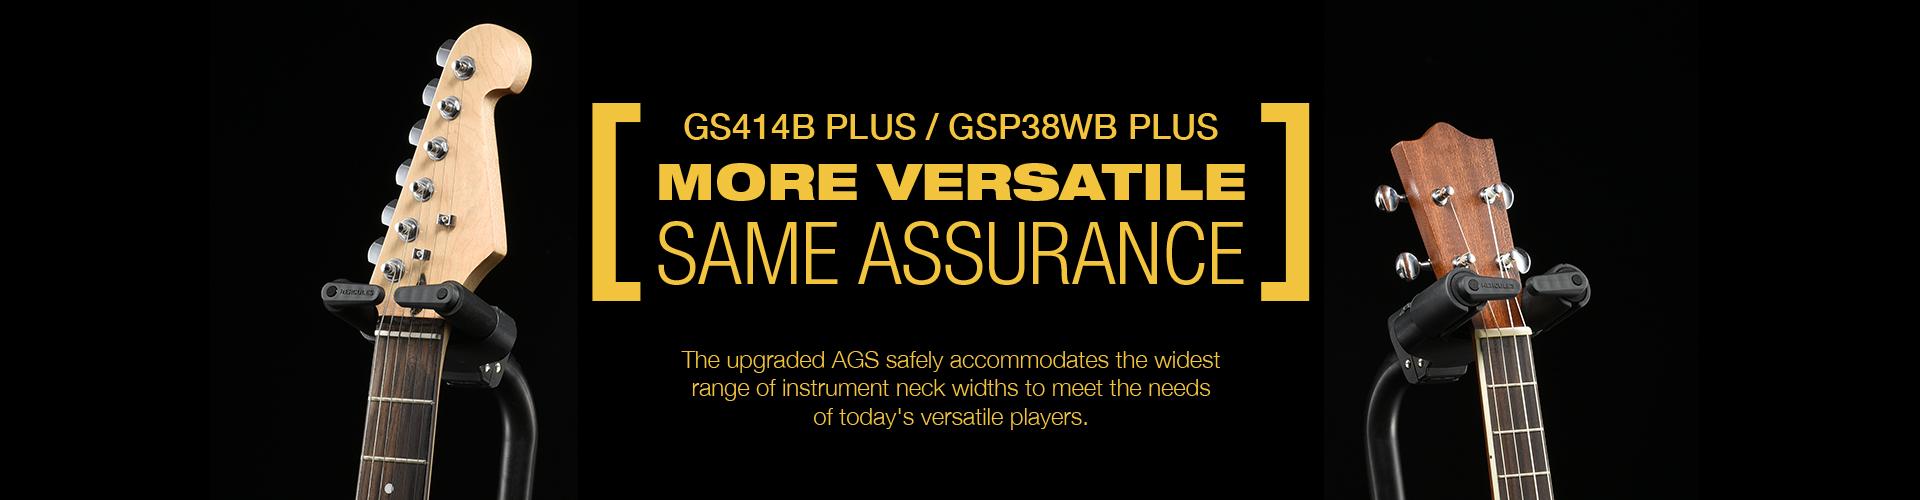 GS414B PLUS